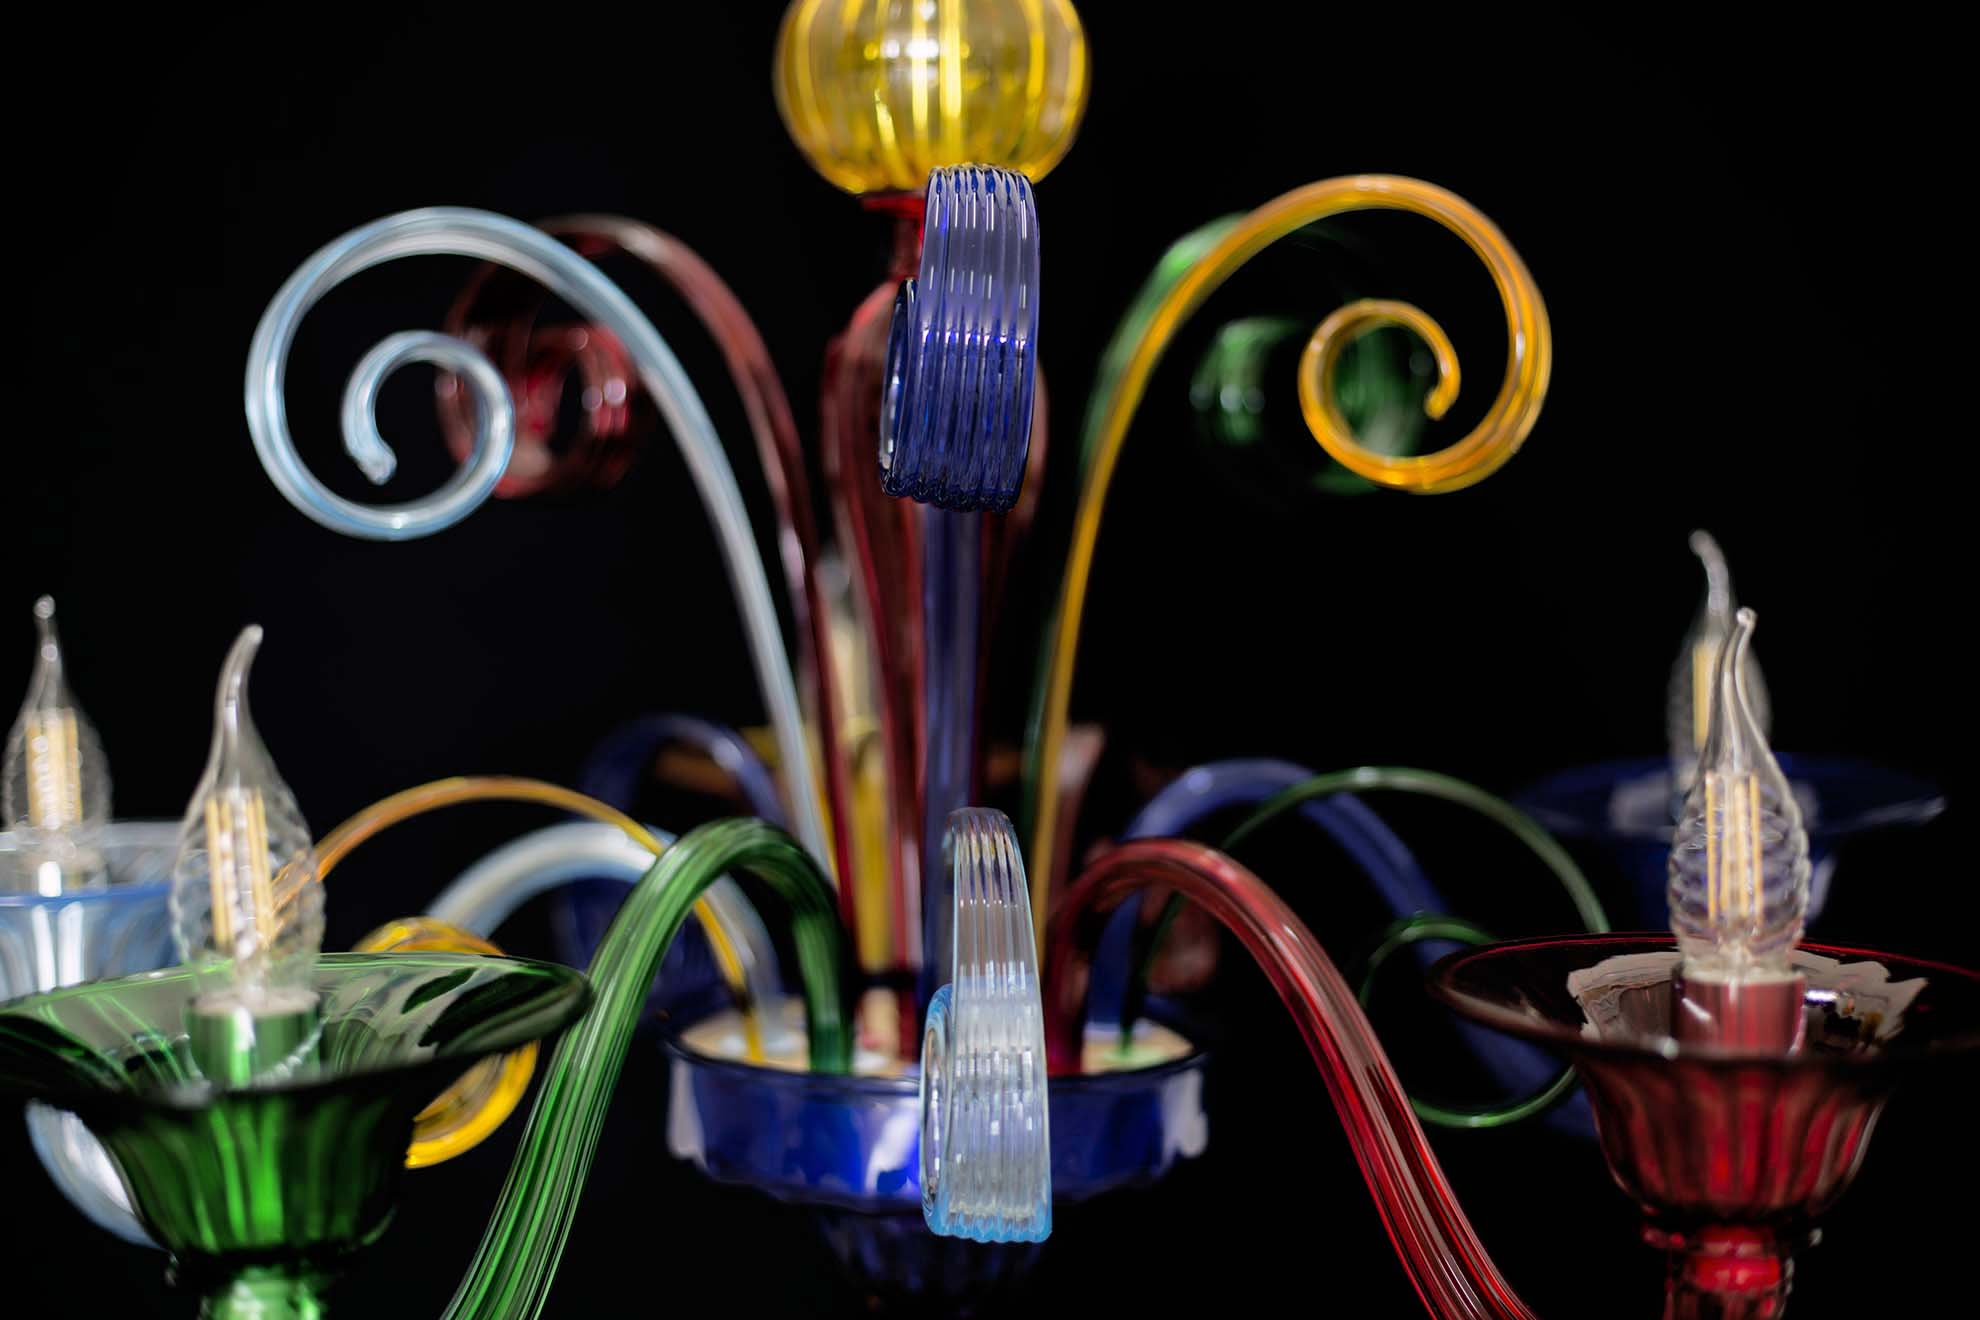 Nemo lampadario Murano moderno: cerchi un lampadario moderno?